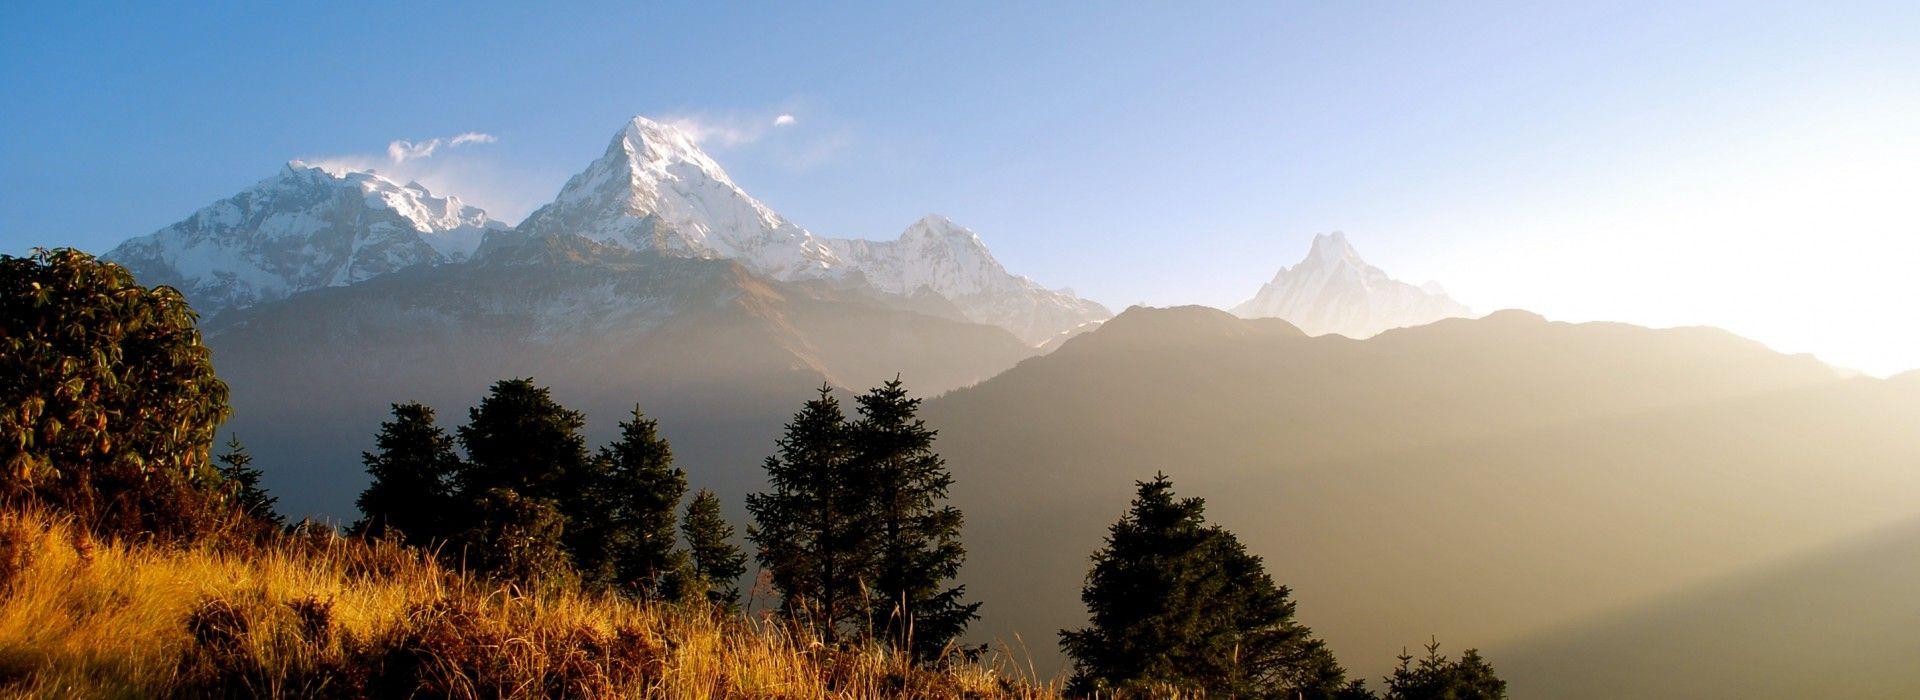 Zip lining Tours in Pokhara